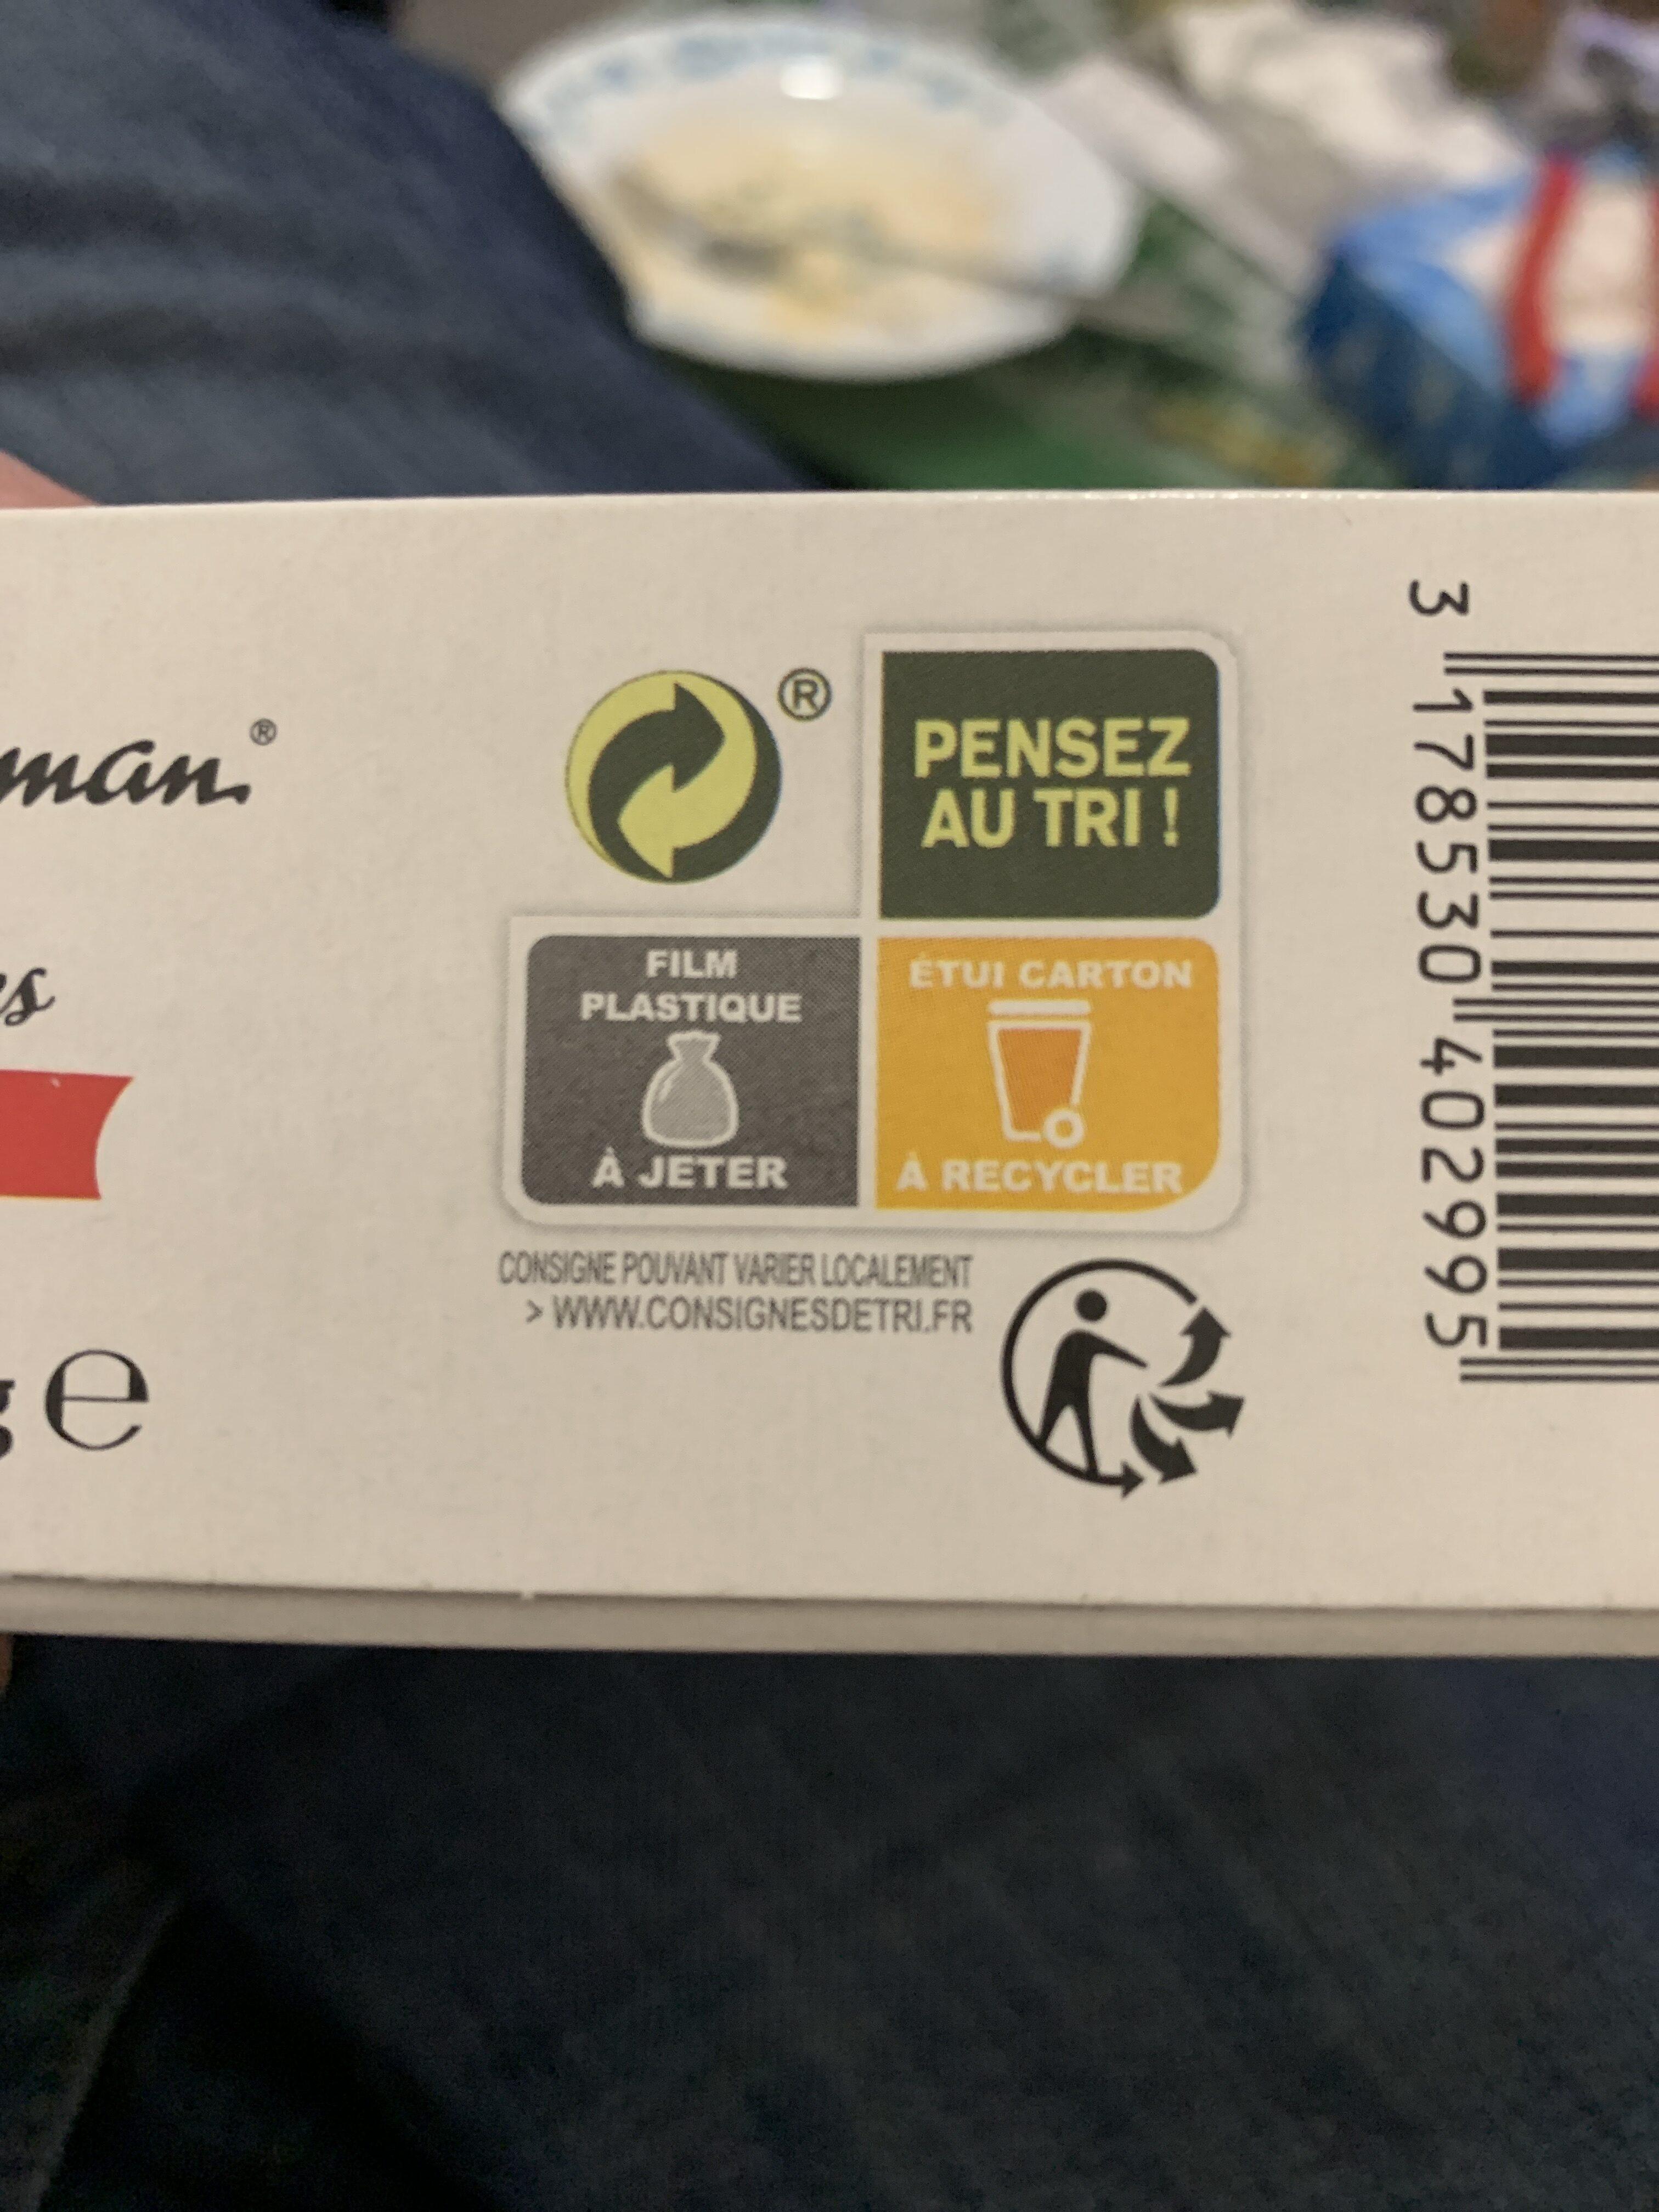 Tartelettes framboise - Istruzioni per il riciclaggio e/o informazioni sull'imballaggio - fr